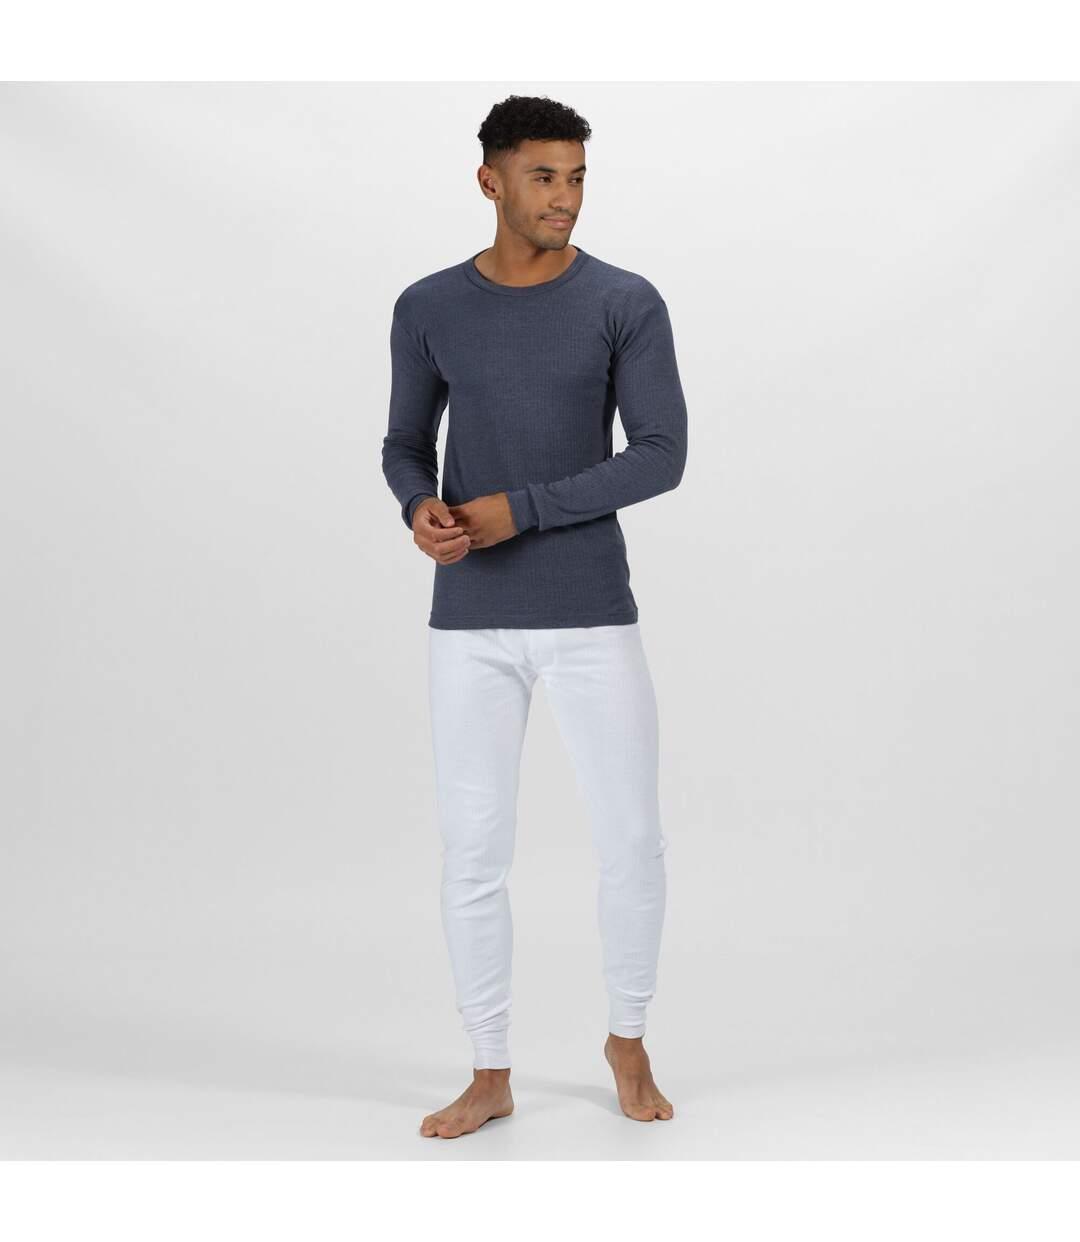 Regatta - T-shirt thermique à manches longues - Homme (Bleu denim) - UTRG1430